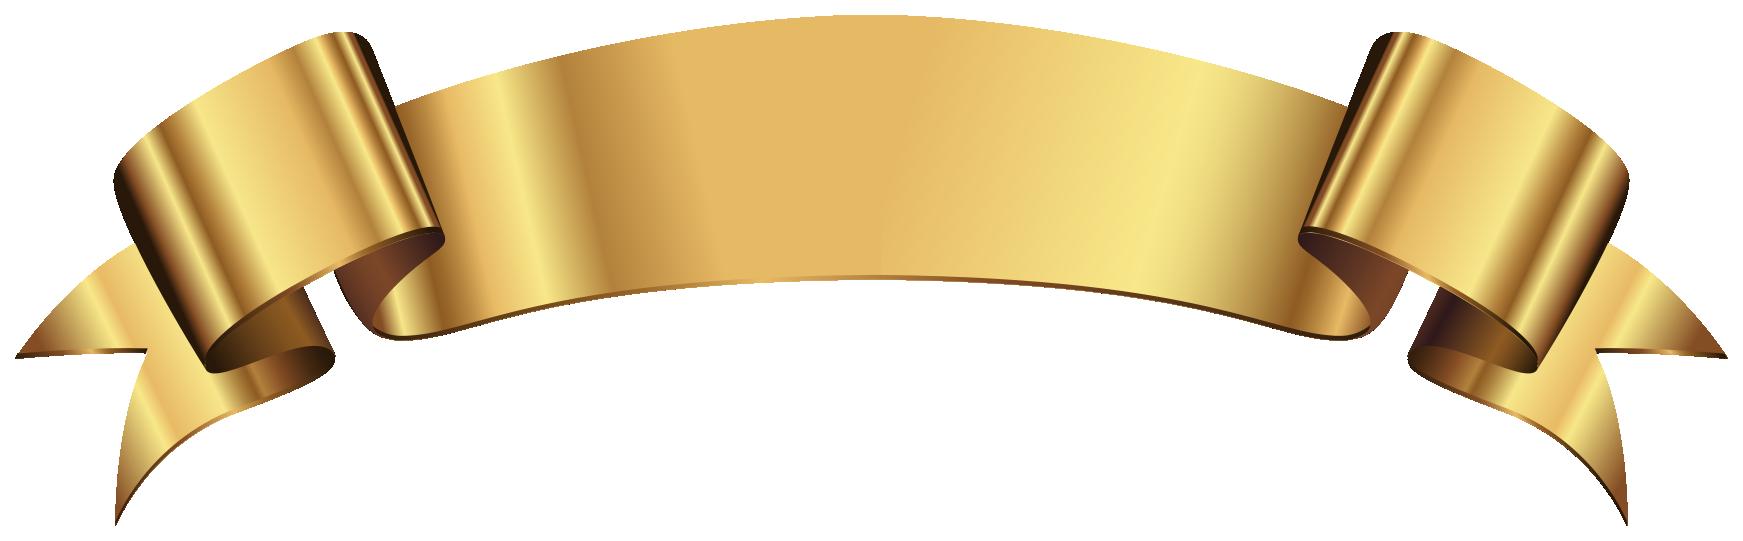 fita dourada png